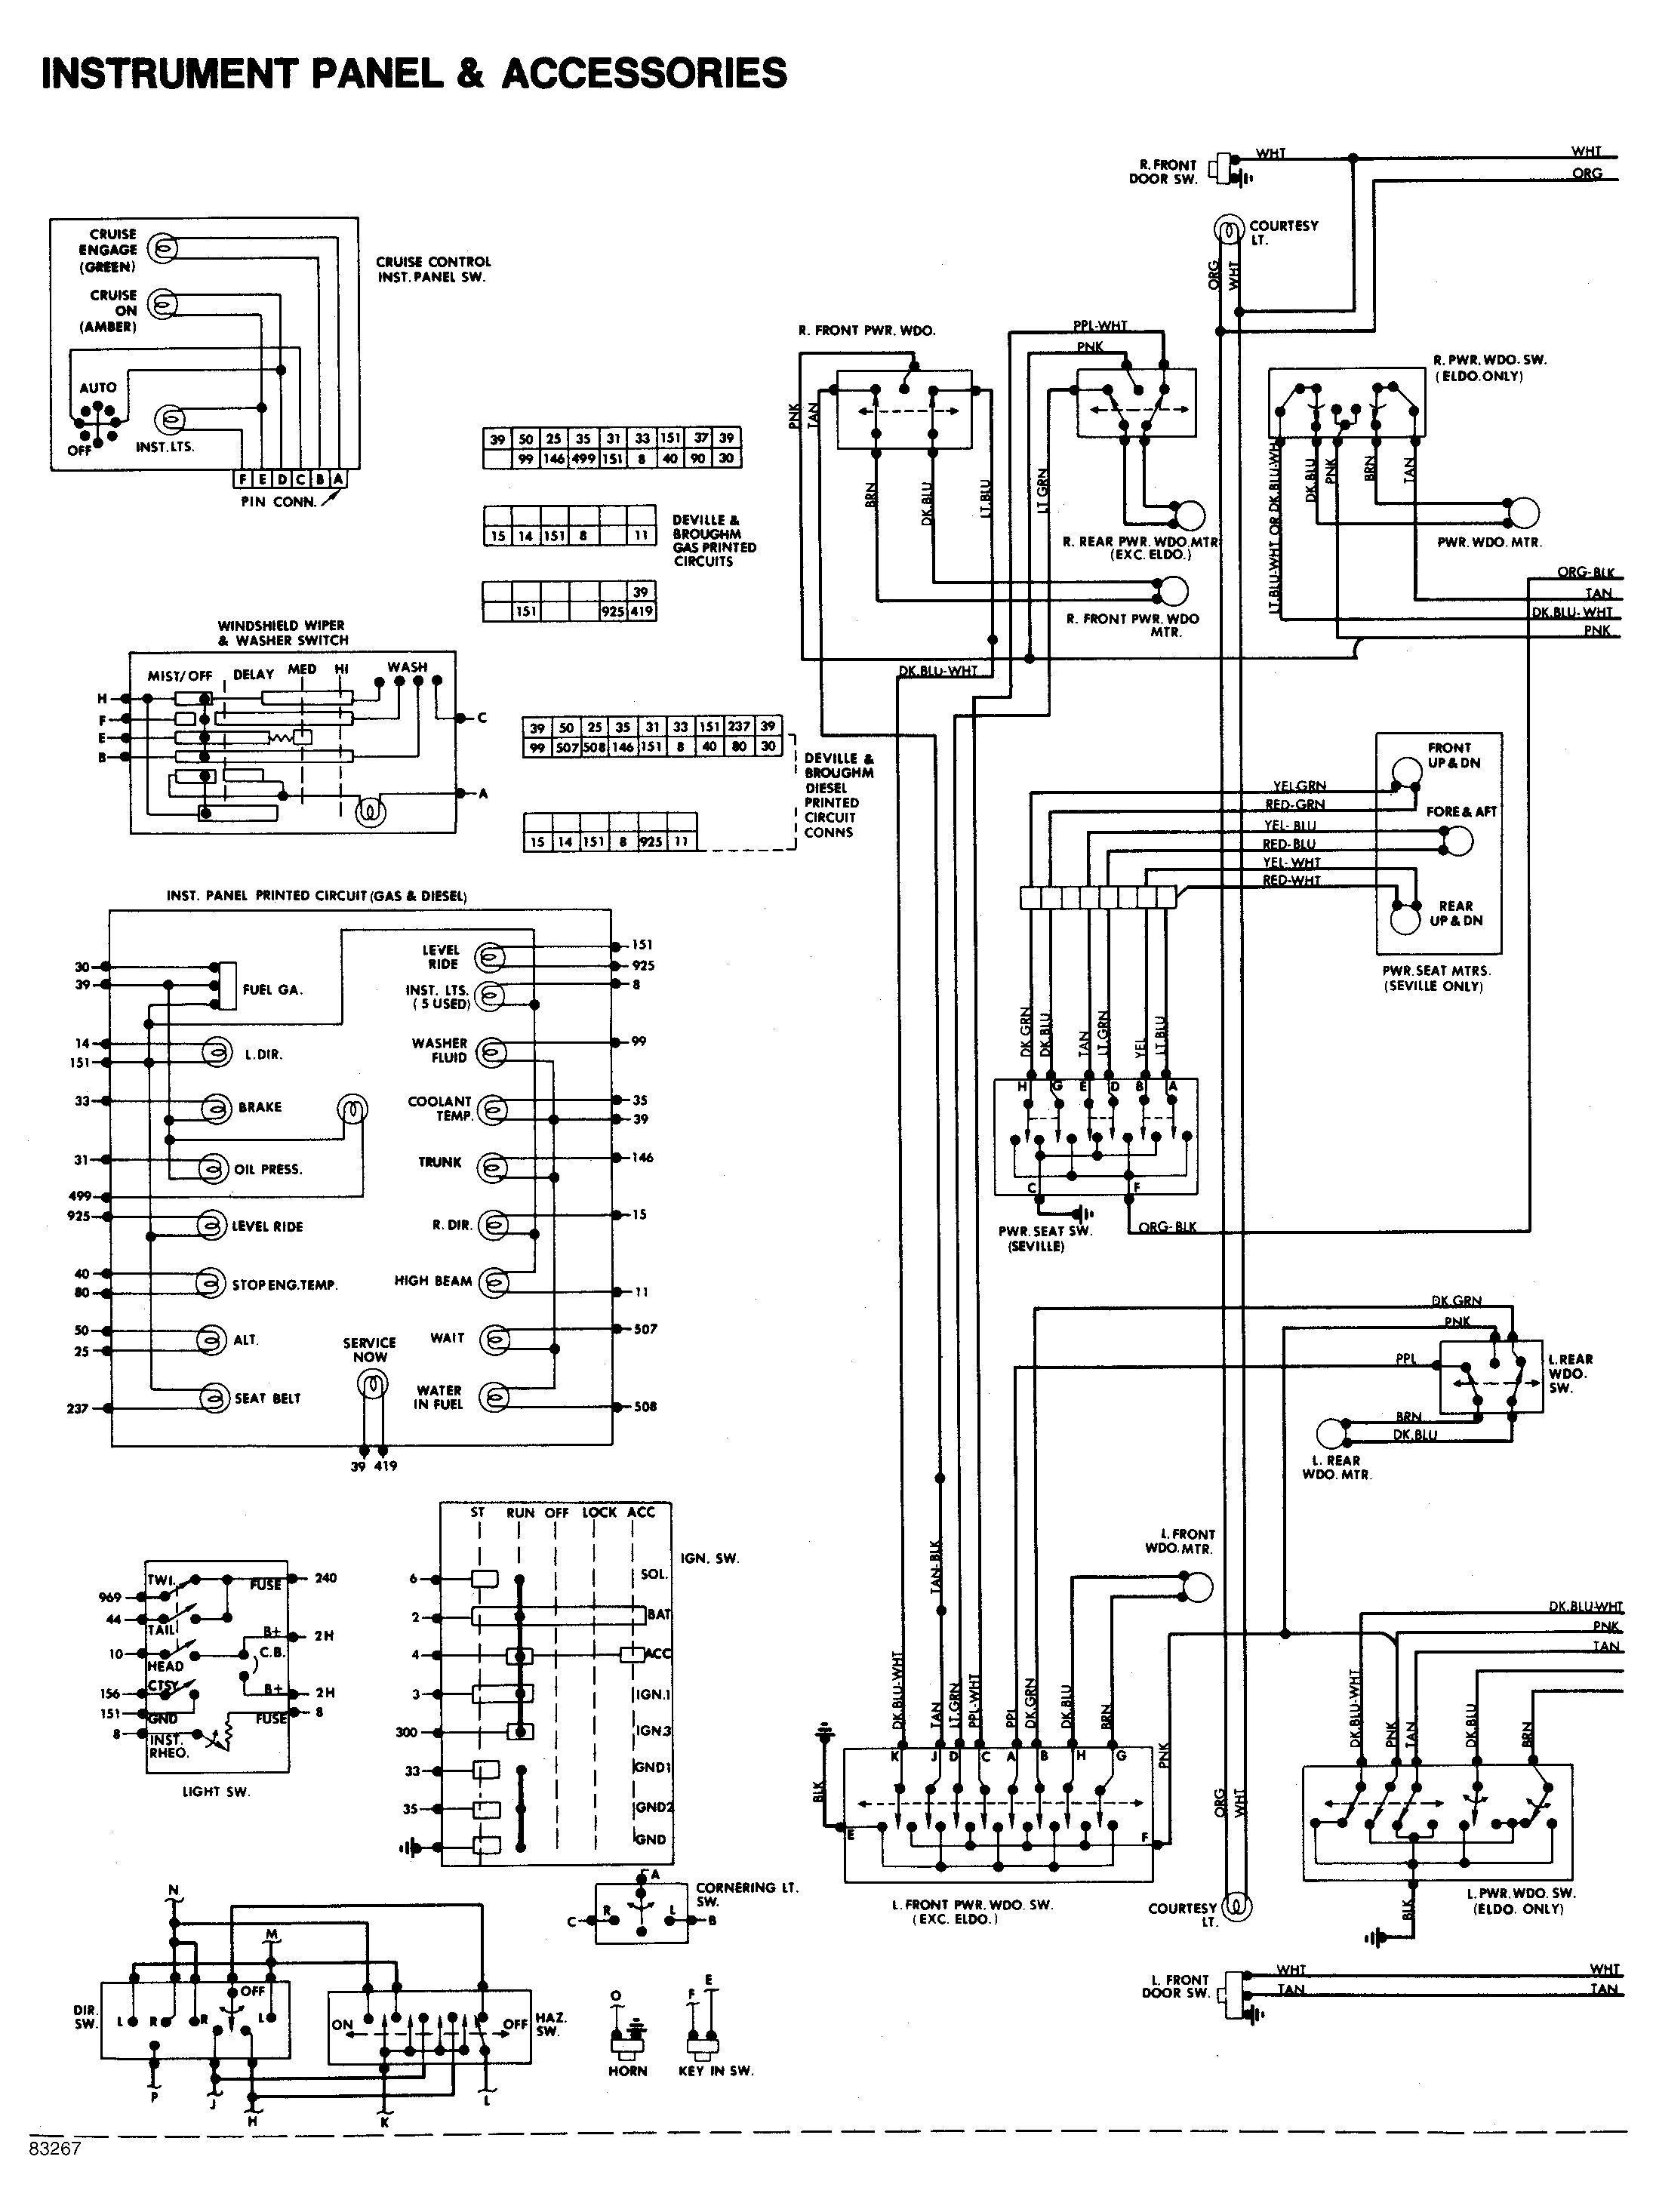 Daewoo Lanos Wiring Diagram Pdf